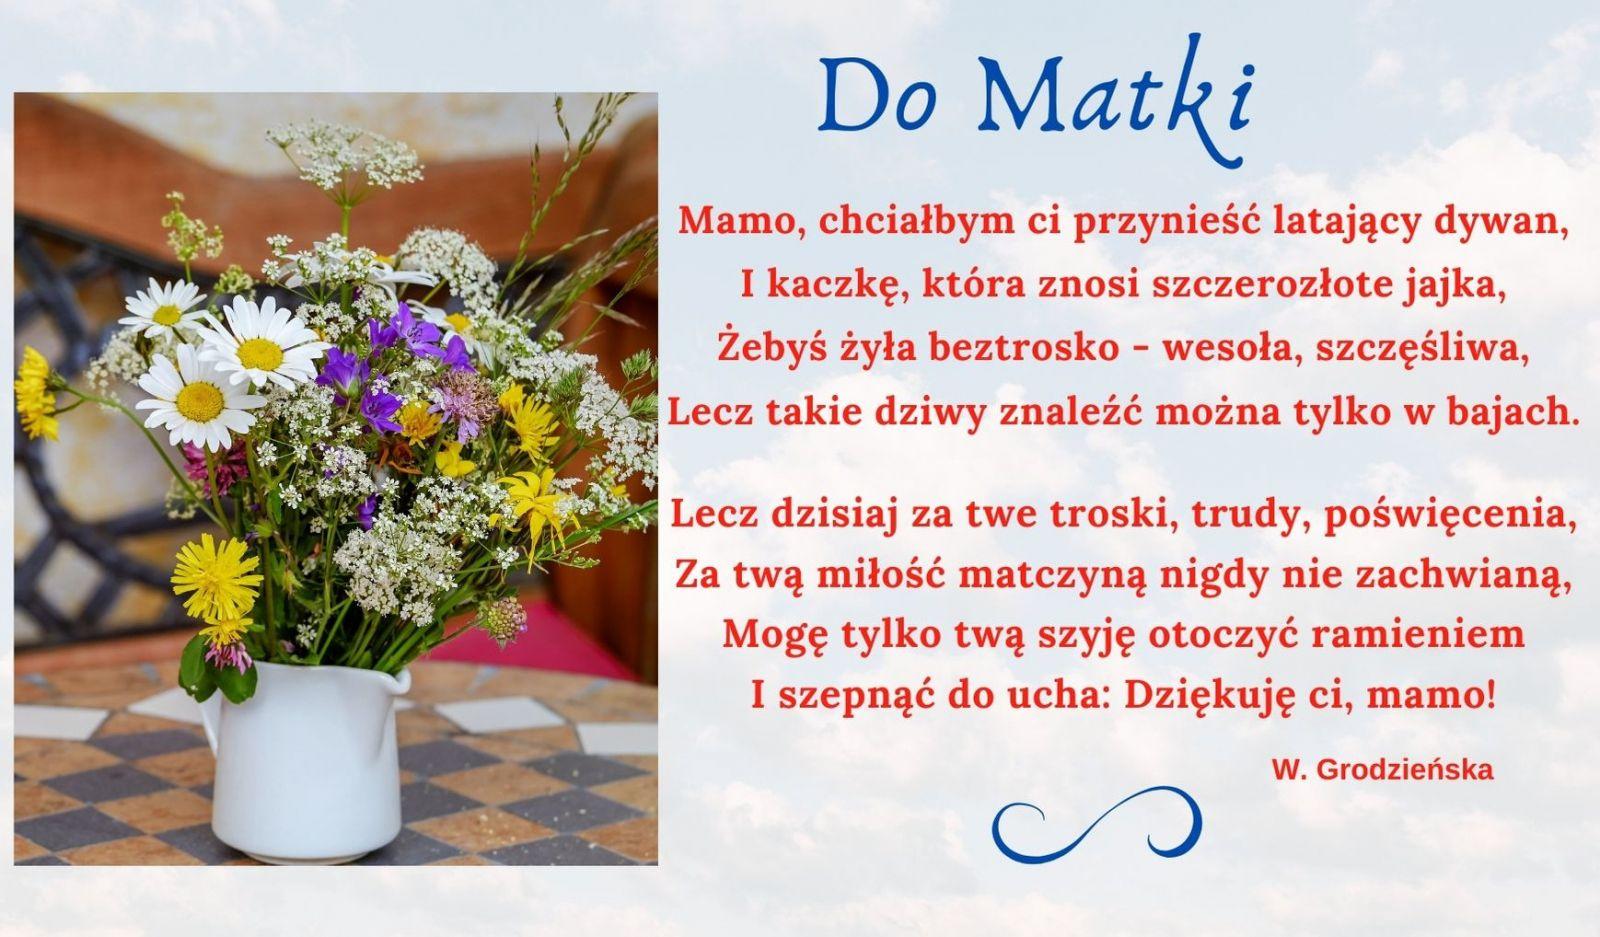 Zdjęcie plakatu z okazji Dnia Matki.